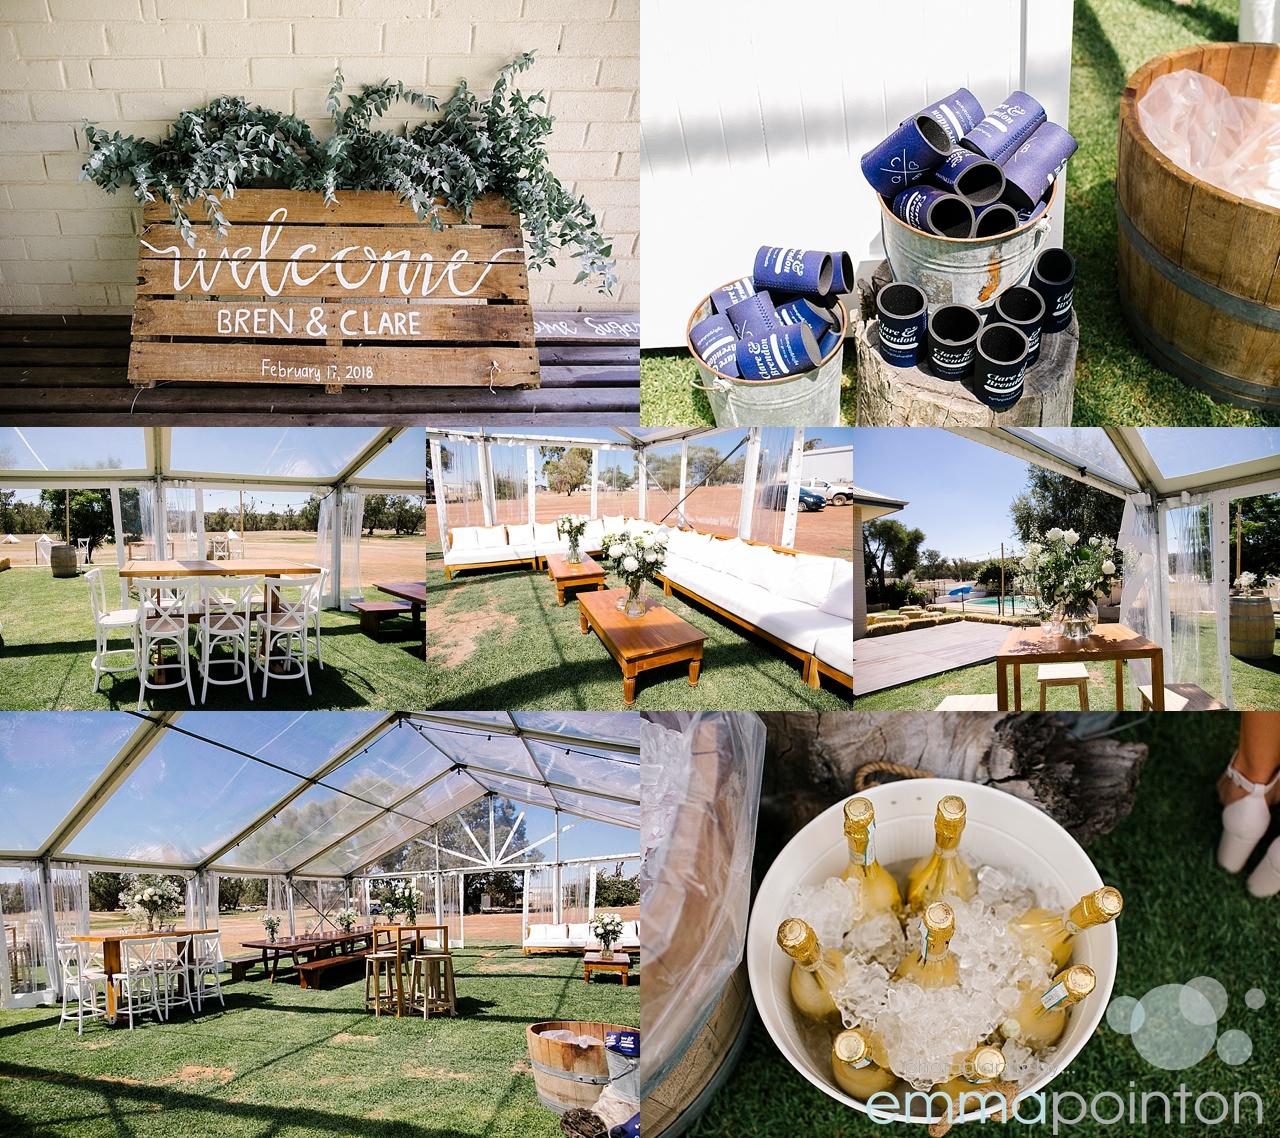 West-Australian-Farm-Wedding-007.jpg